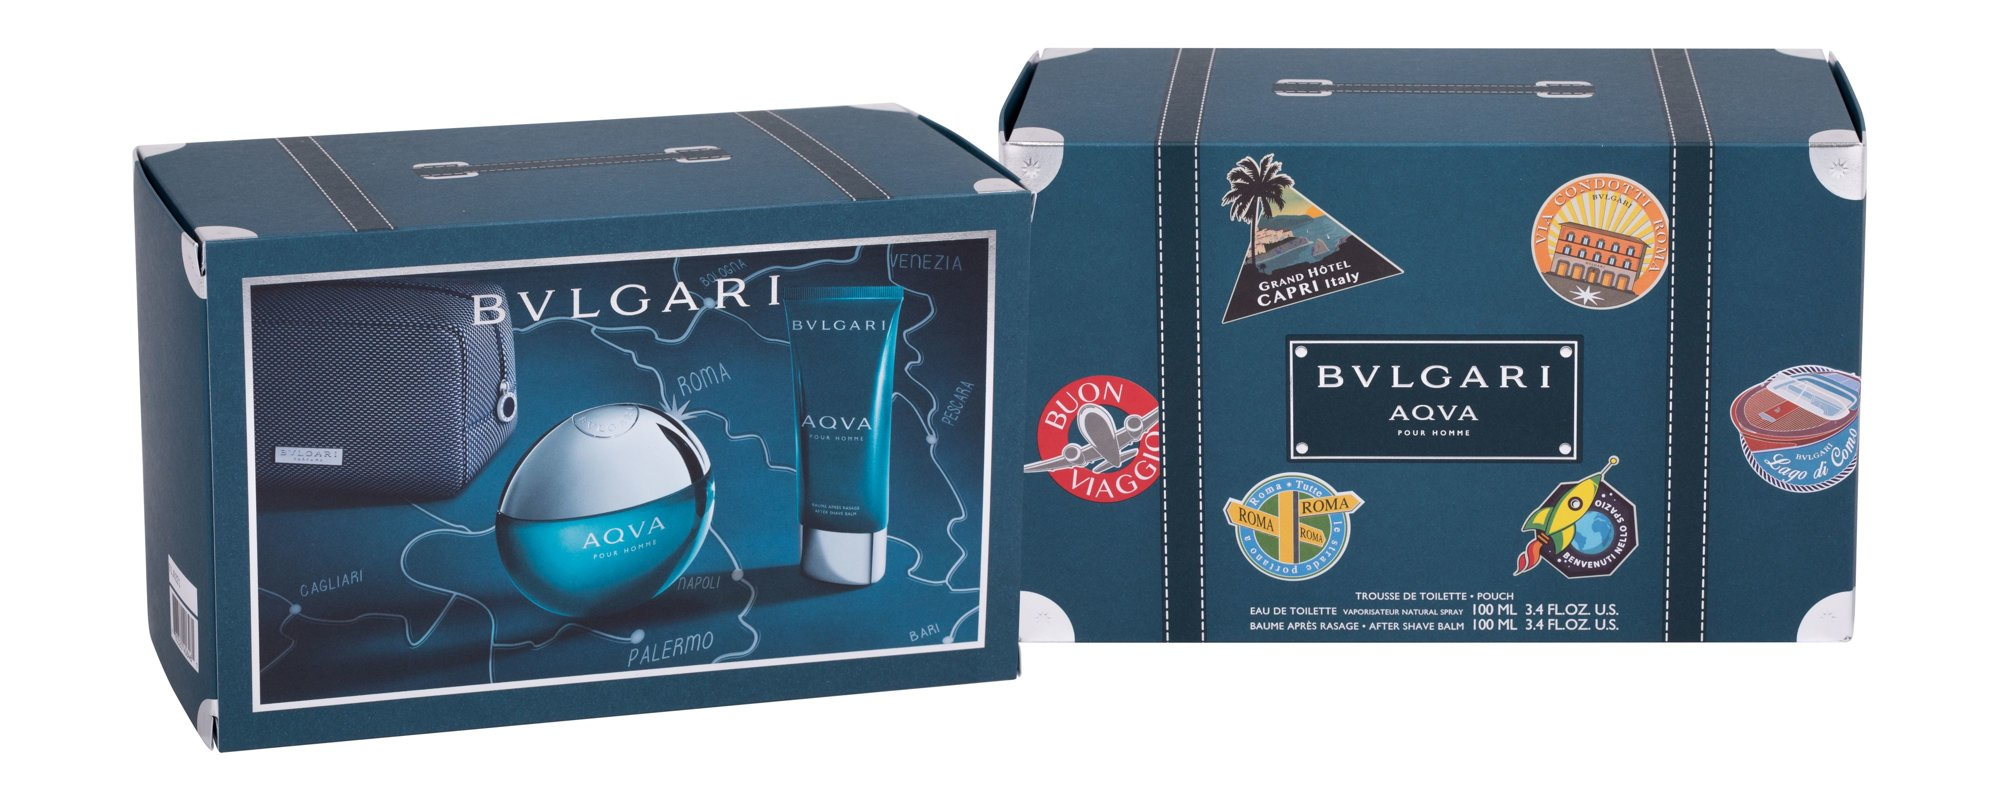 Bvlgari Aqva Pour Homme - toaletní voda 100 ml + balzám po holení 100 ml + kosmetická taštička M Objem: 100 ml